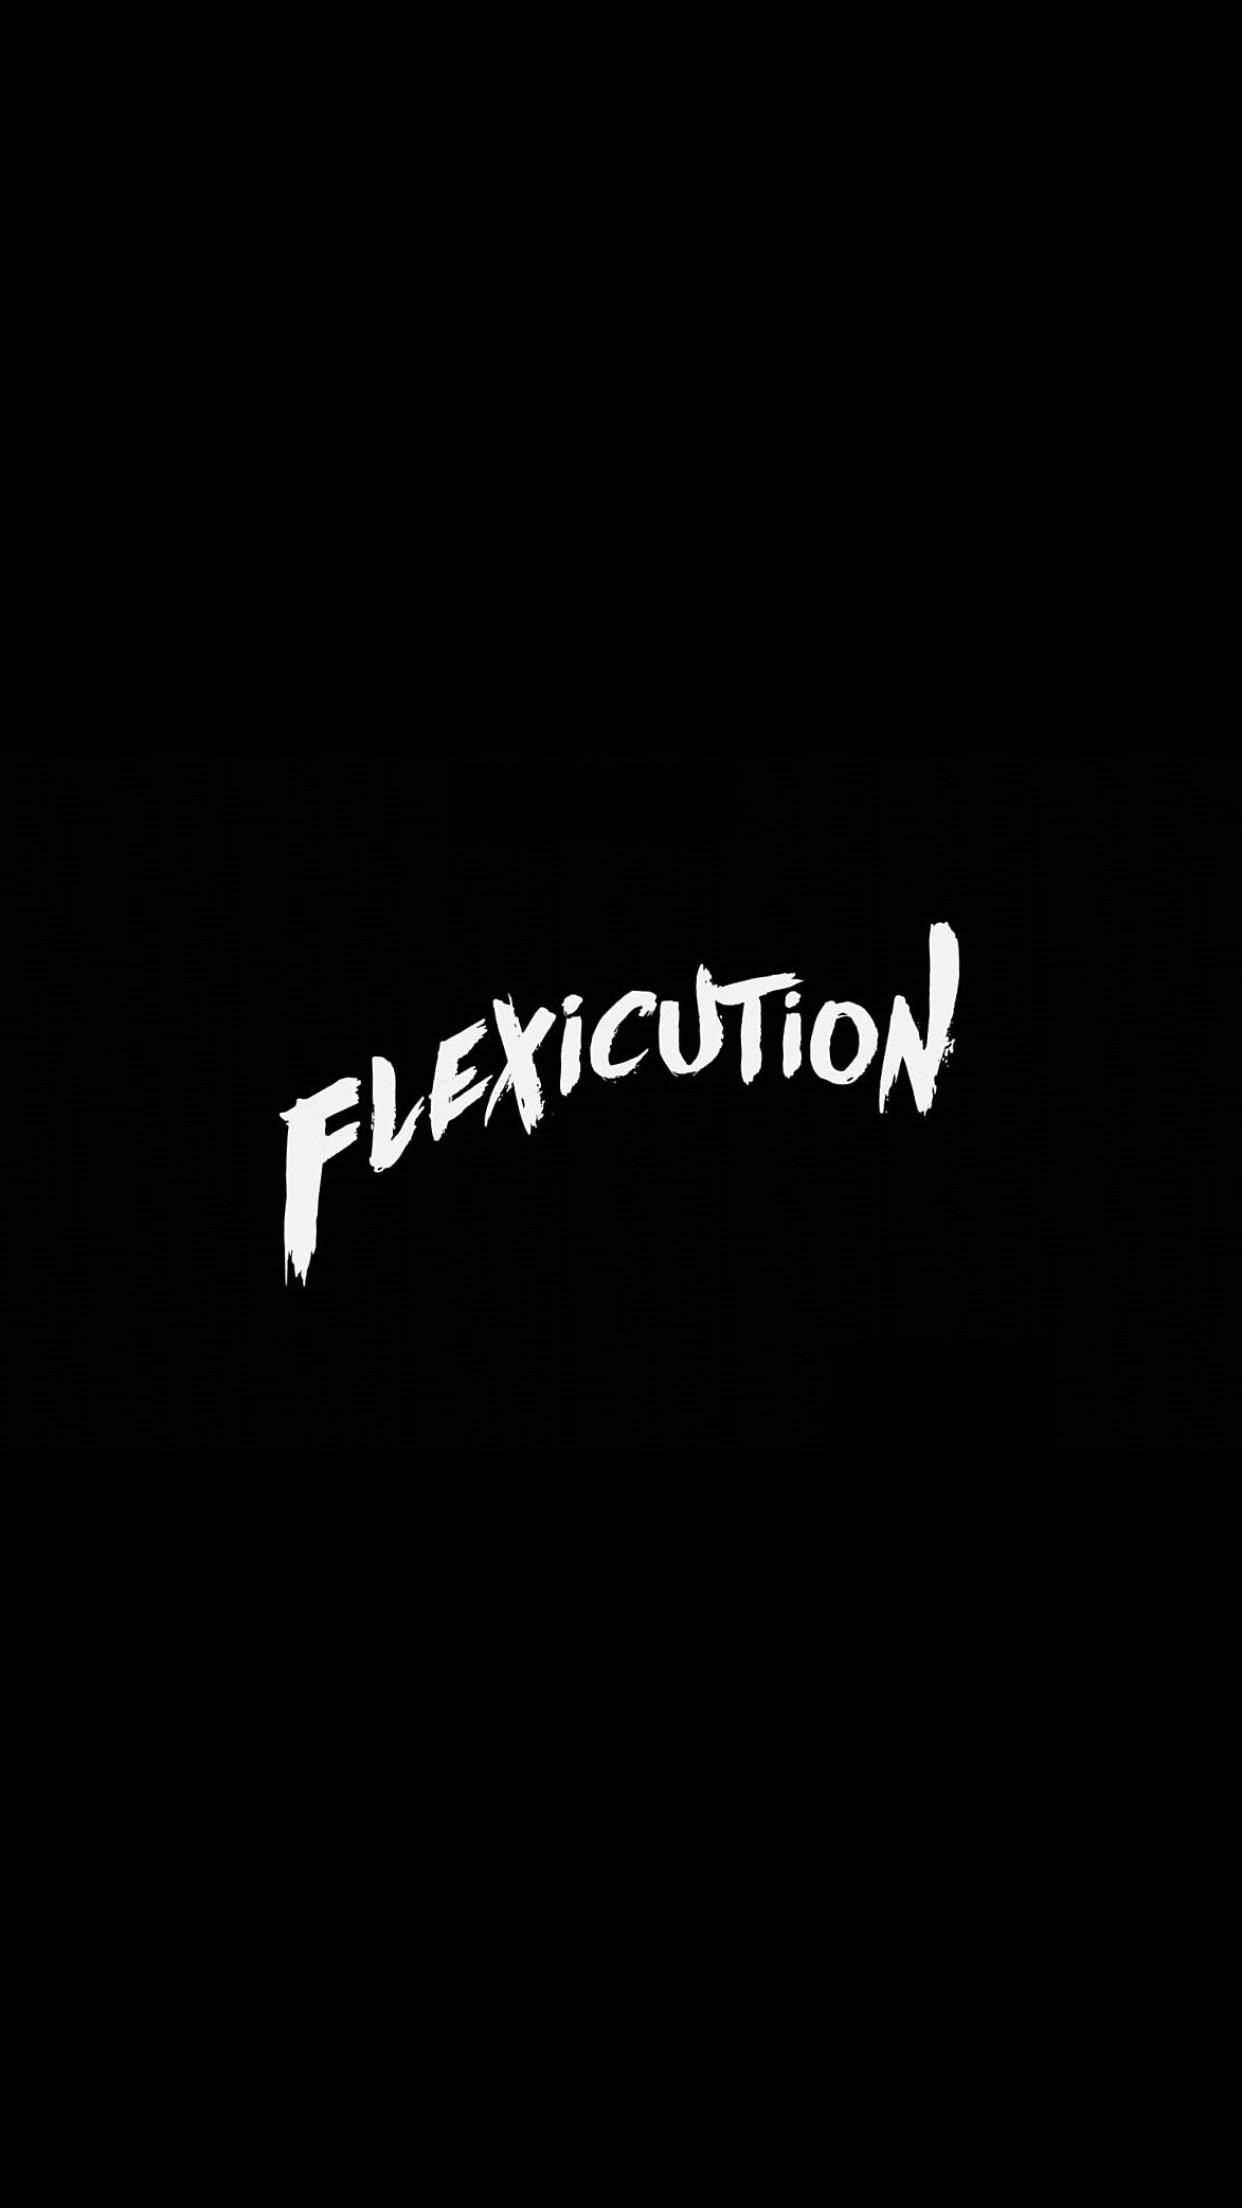 [iPhone 6 Plus] Logic – Flexicution. resize